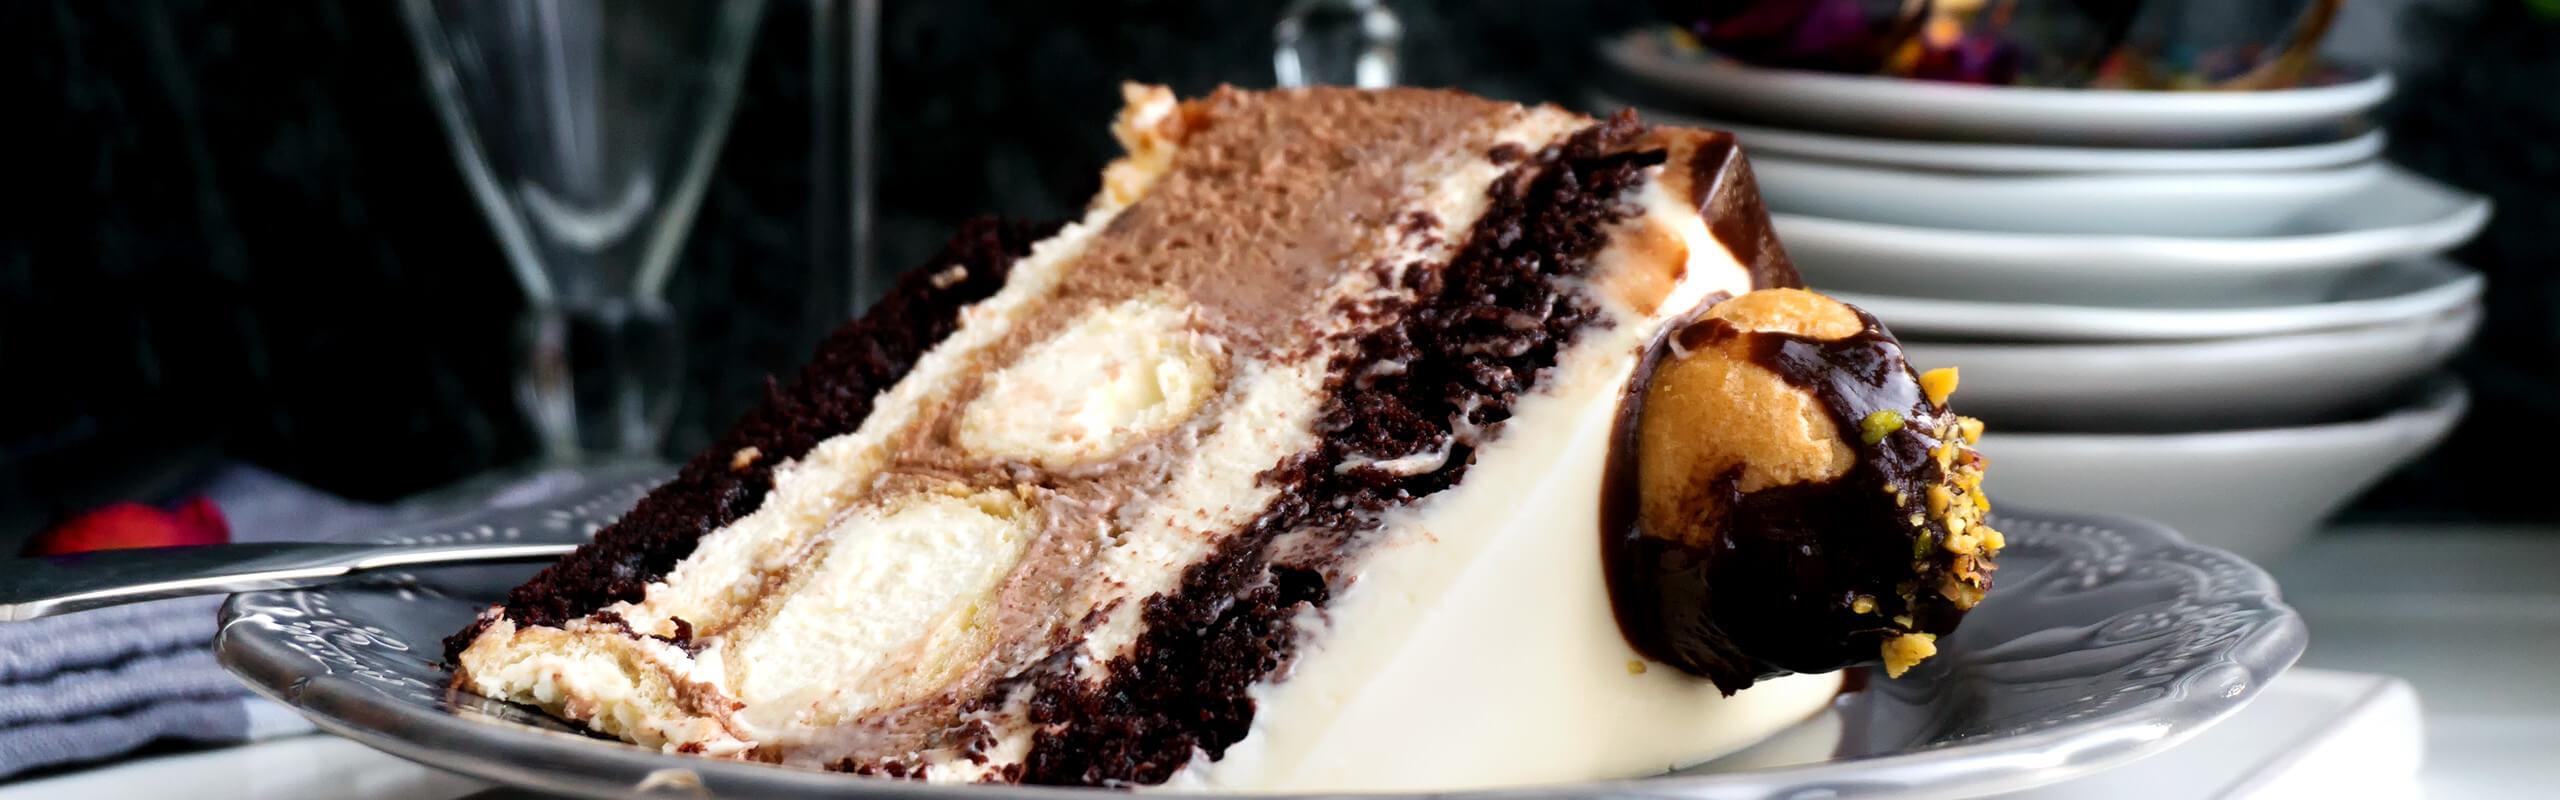 Най-вкусната и съвършенна<br>еклерова торта